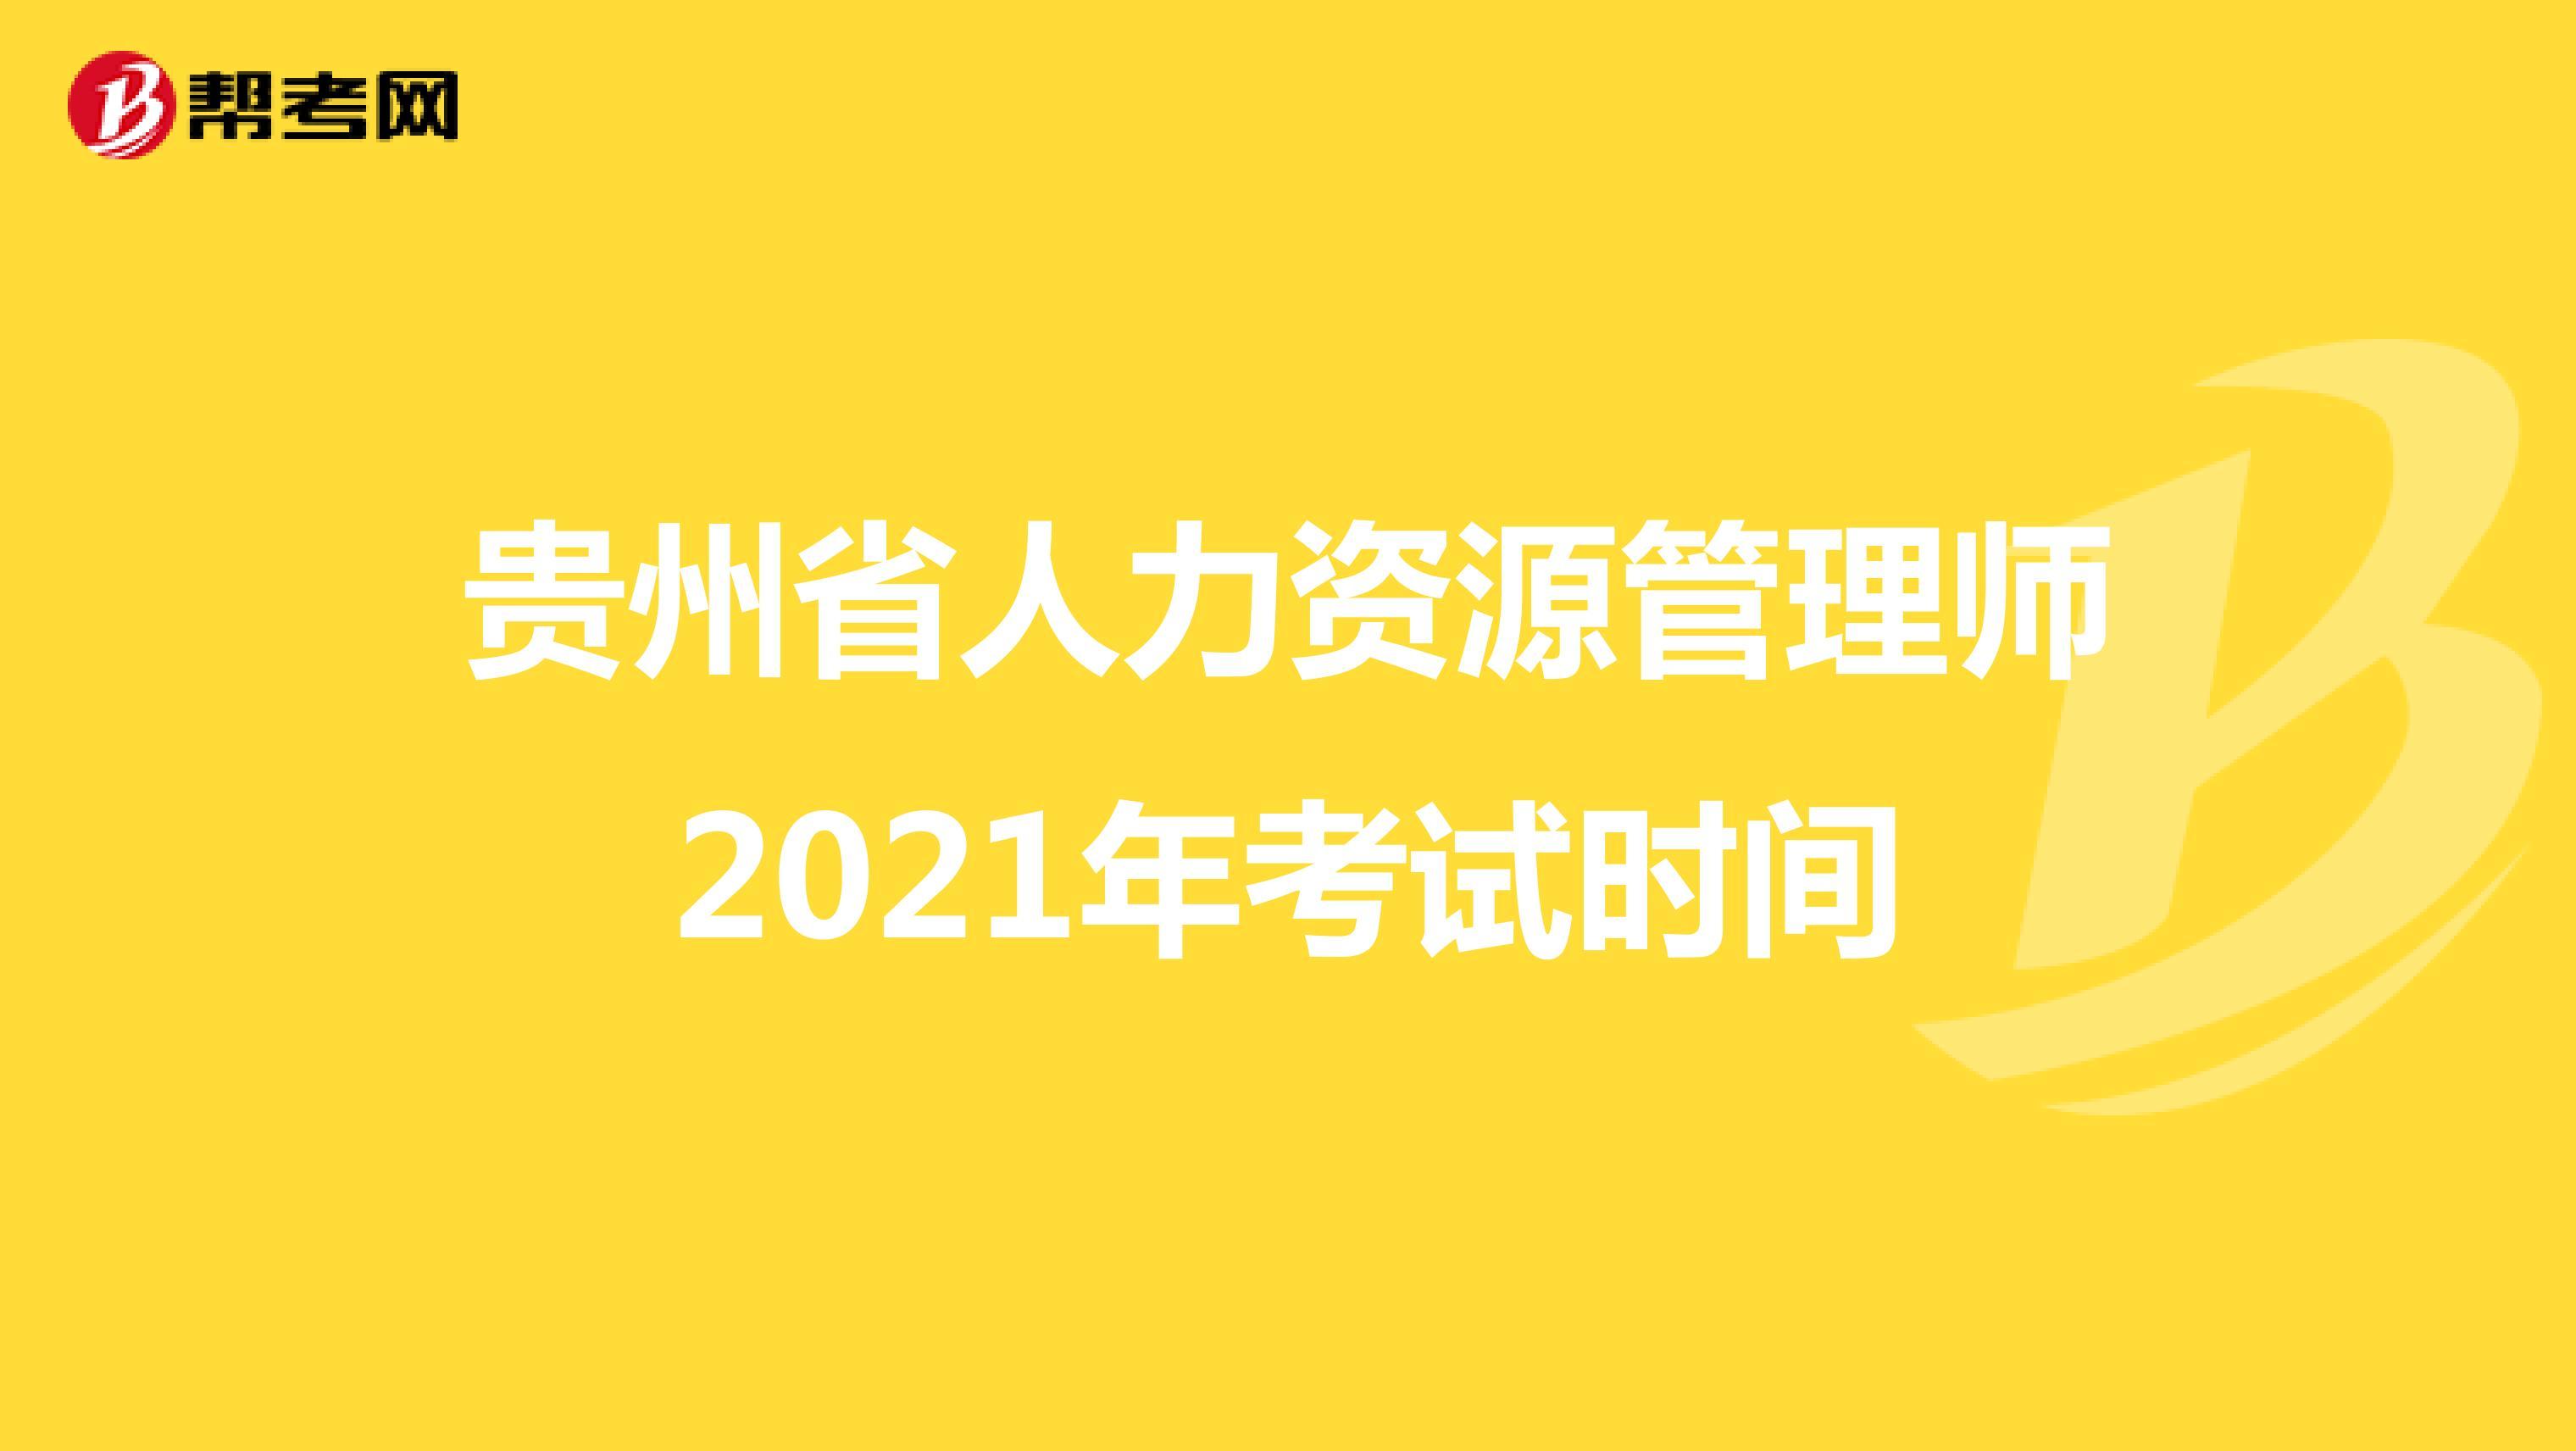 贵州省人力资源管理师2021年考试时间